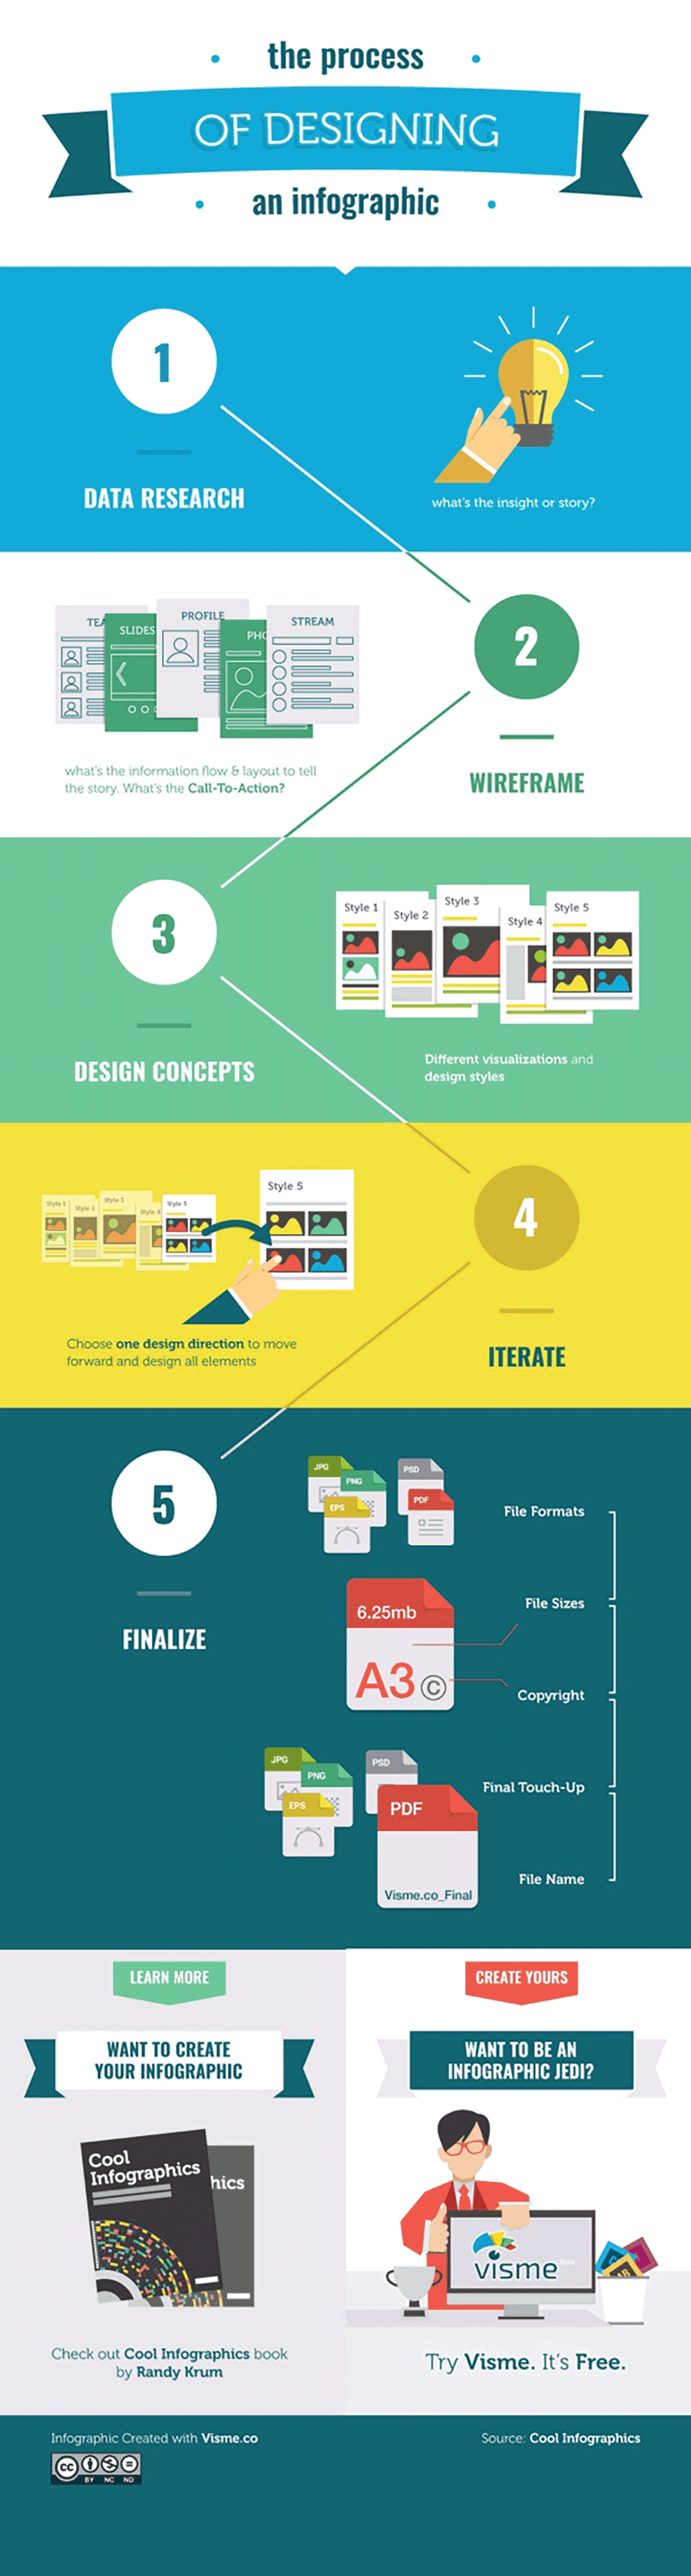 インフォグラフィックのデザイン手順をまとめたインフォグラフィック ...